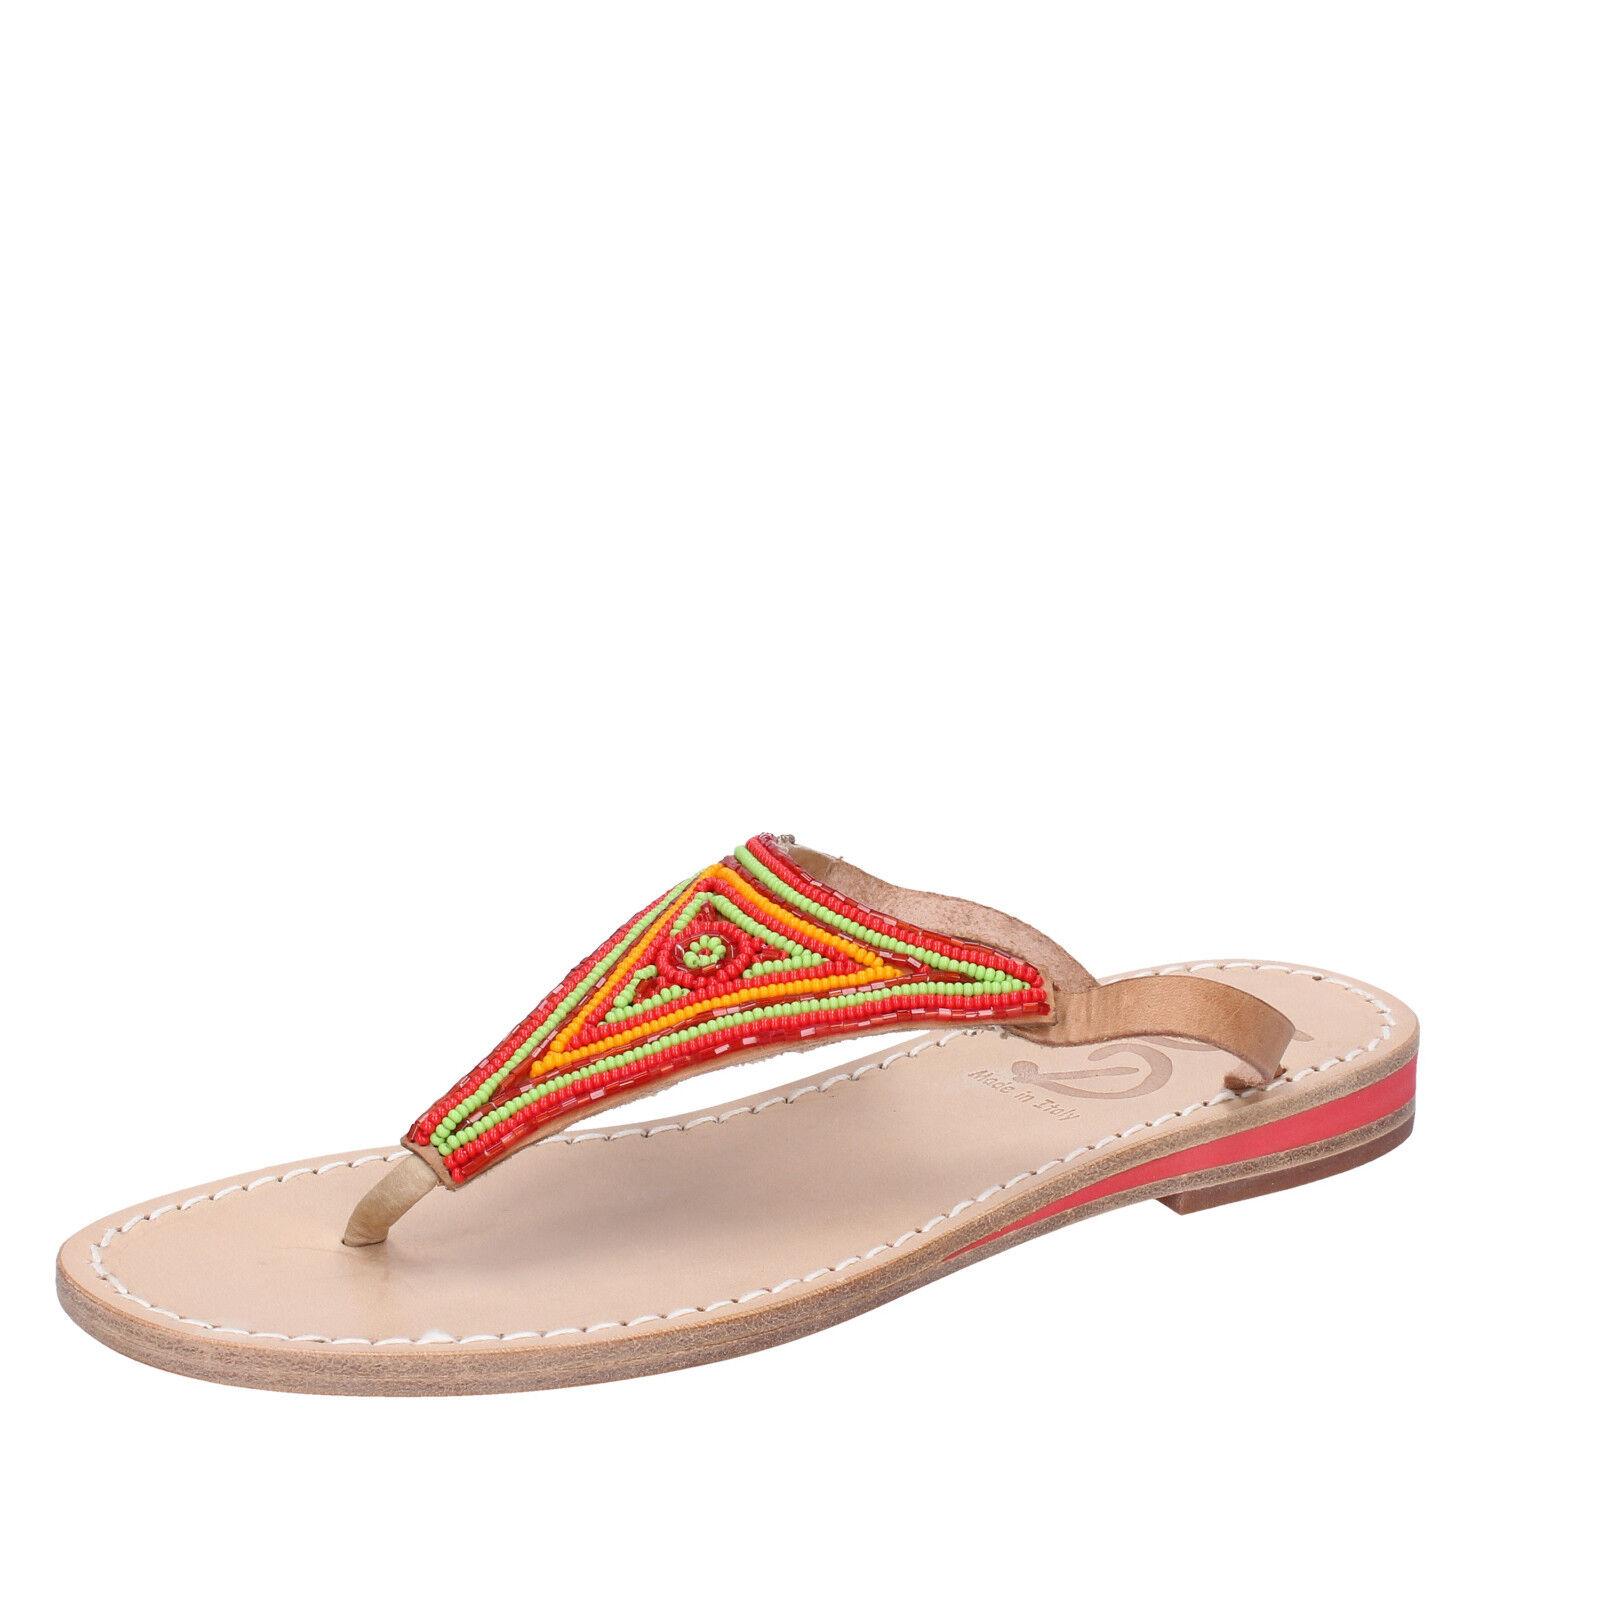 Scarpe donna EDDY multicolore DANIELE 37 EU sandali multicolore EDDY pelle perline AS176 f8fb59